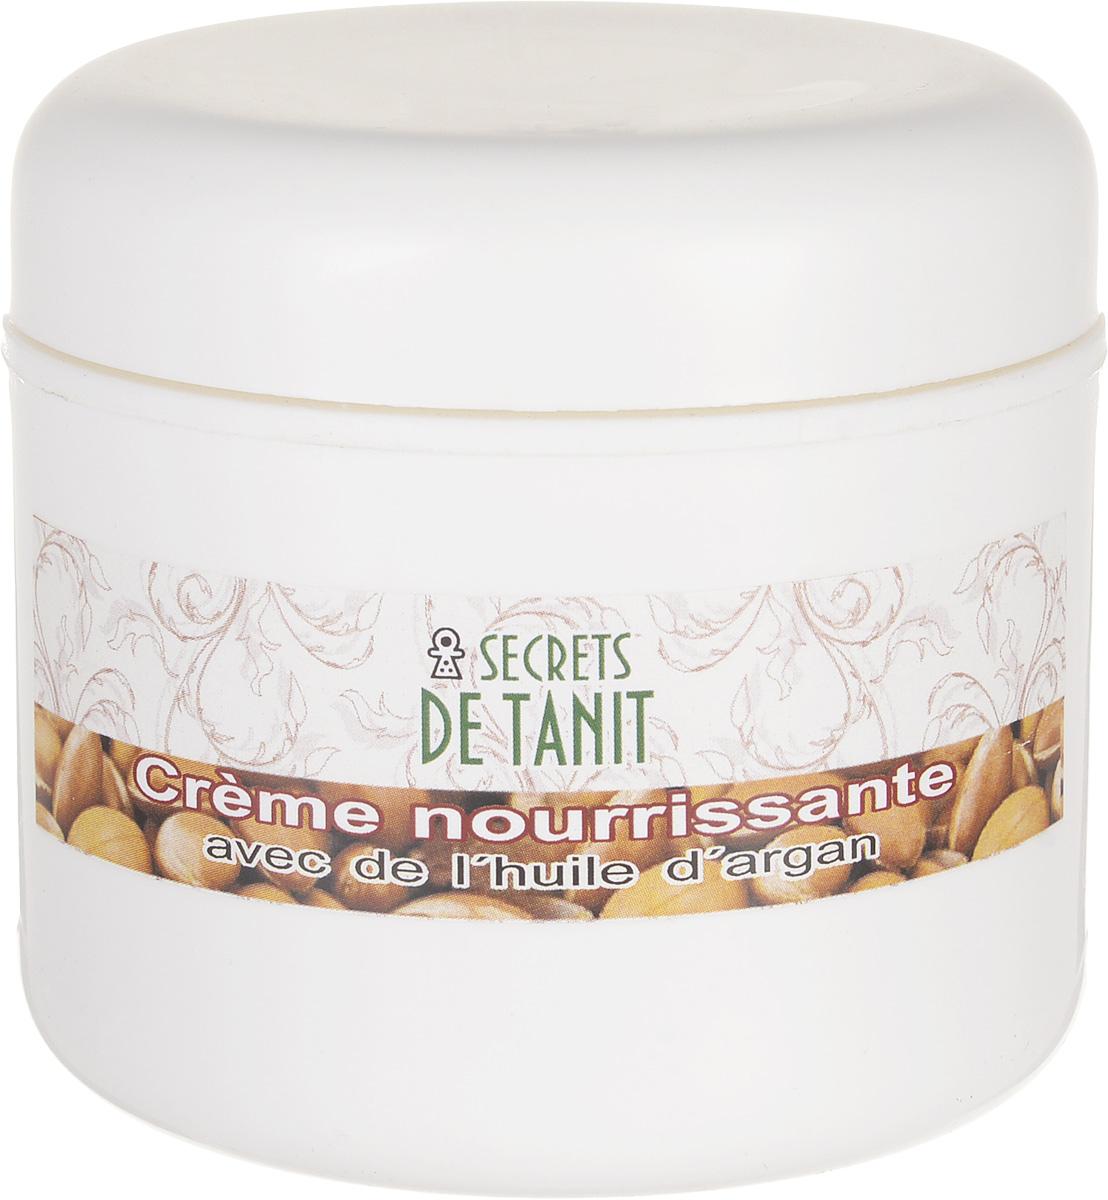 Secrets de Tanit Крем питательный для лица и шеи с маслом арганы, 100 г secrets de tanit шампунь с тфалью и маслом оливы 400 мл